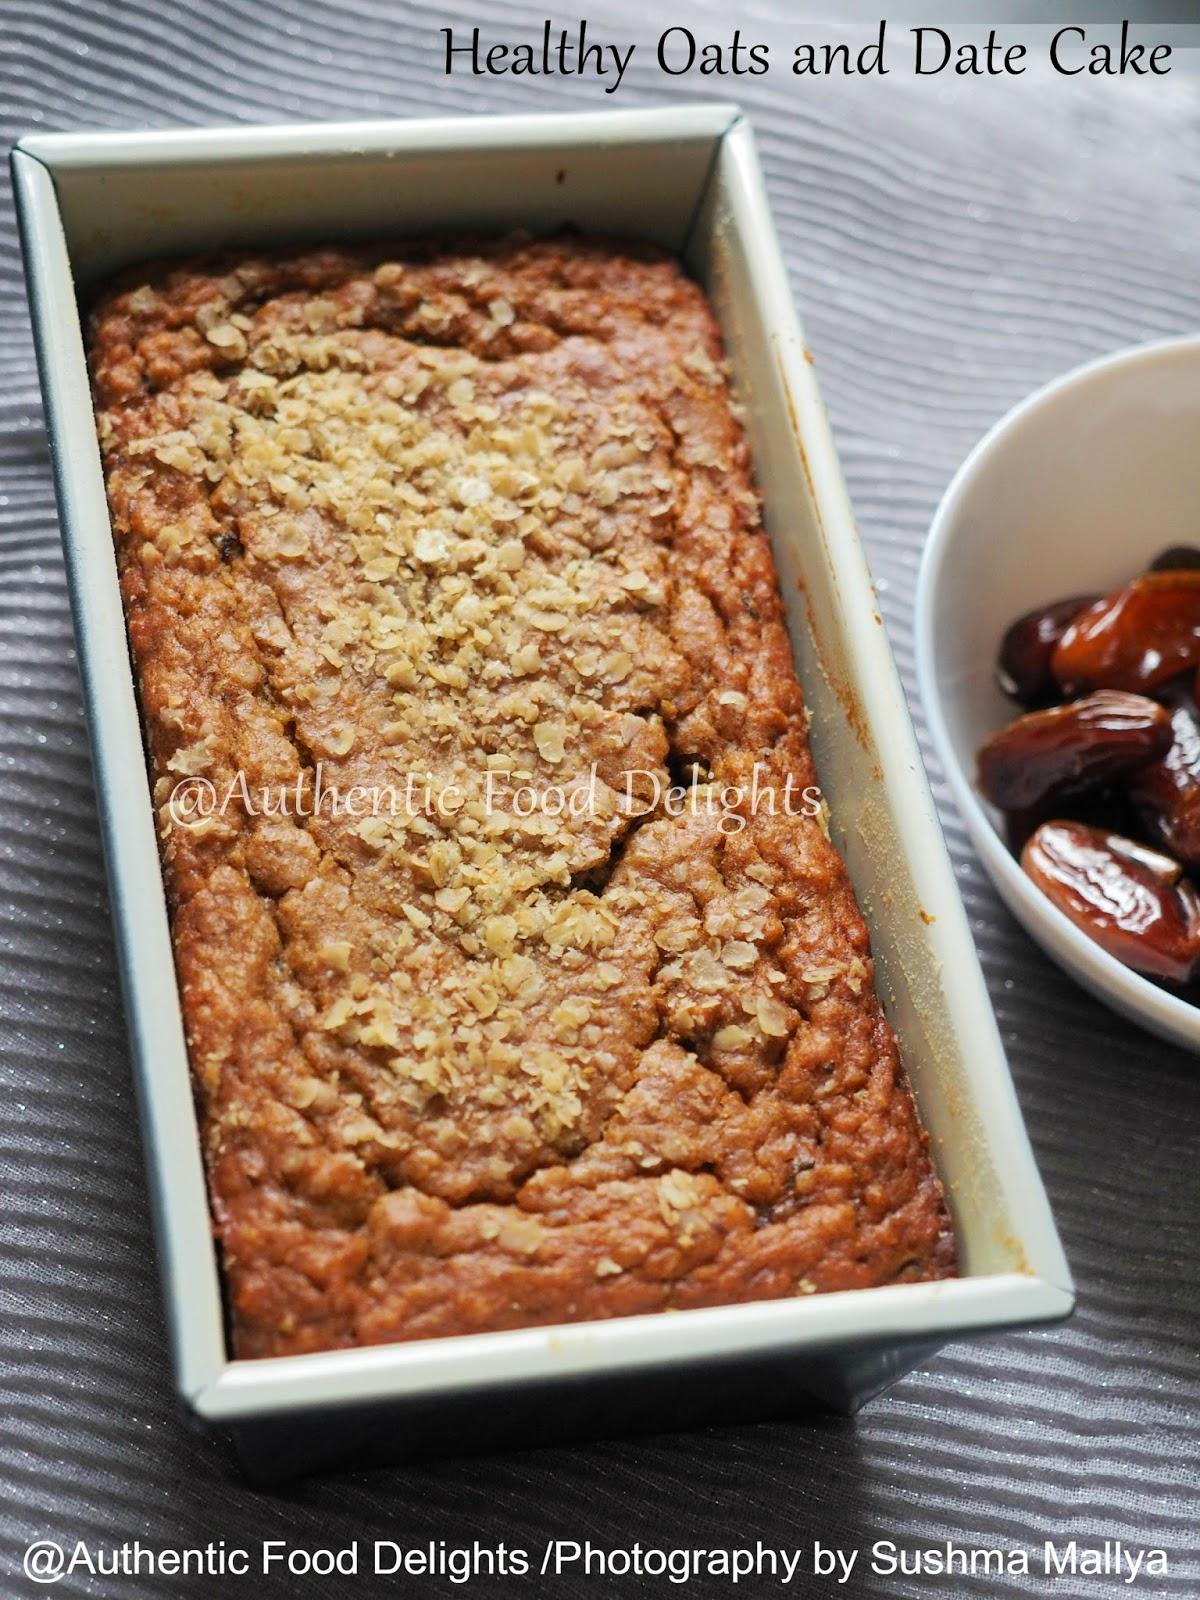 Aayi recipe date cake